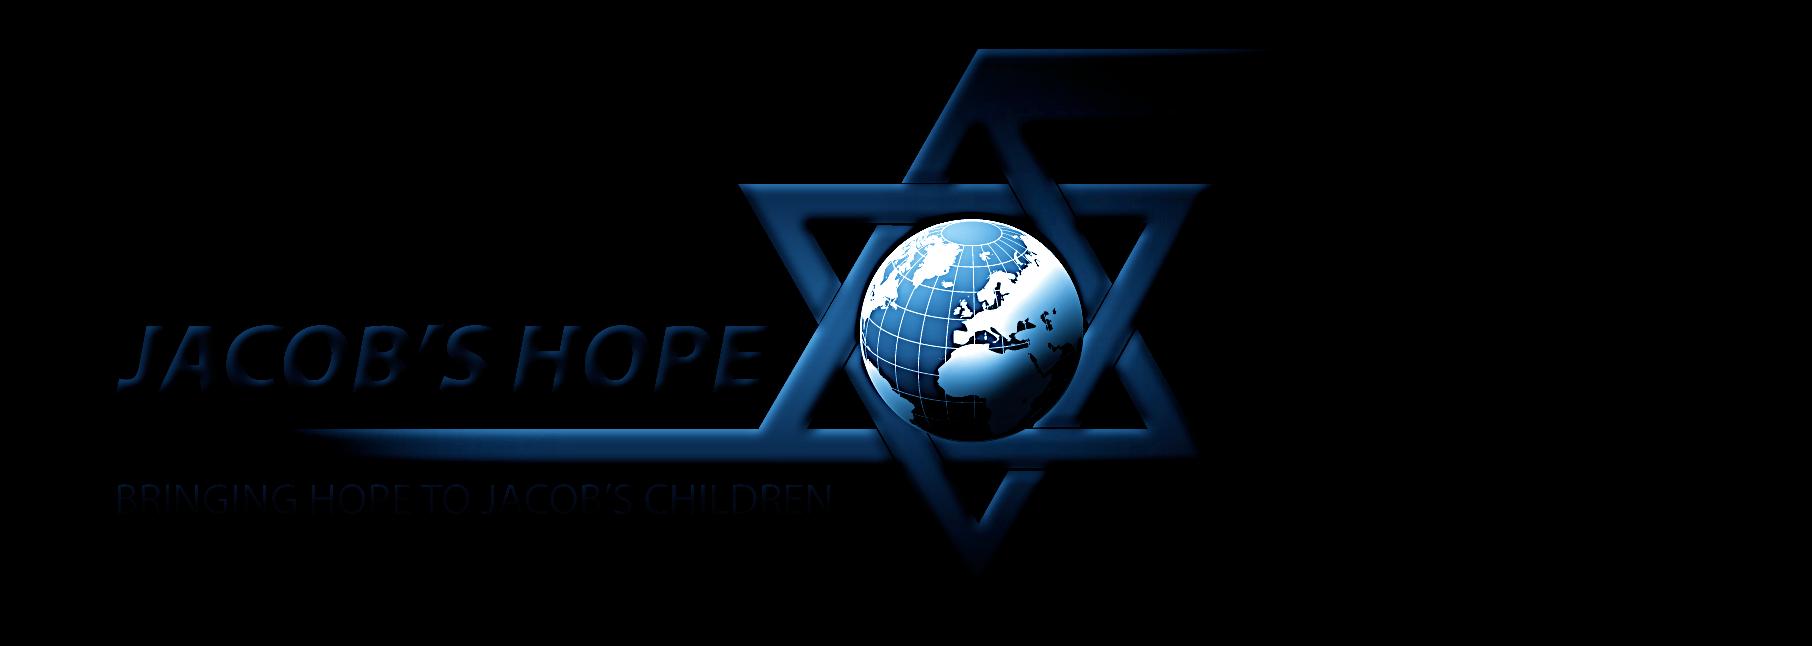 Jacob's Hope